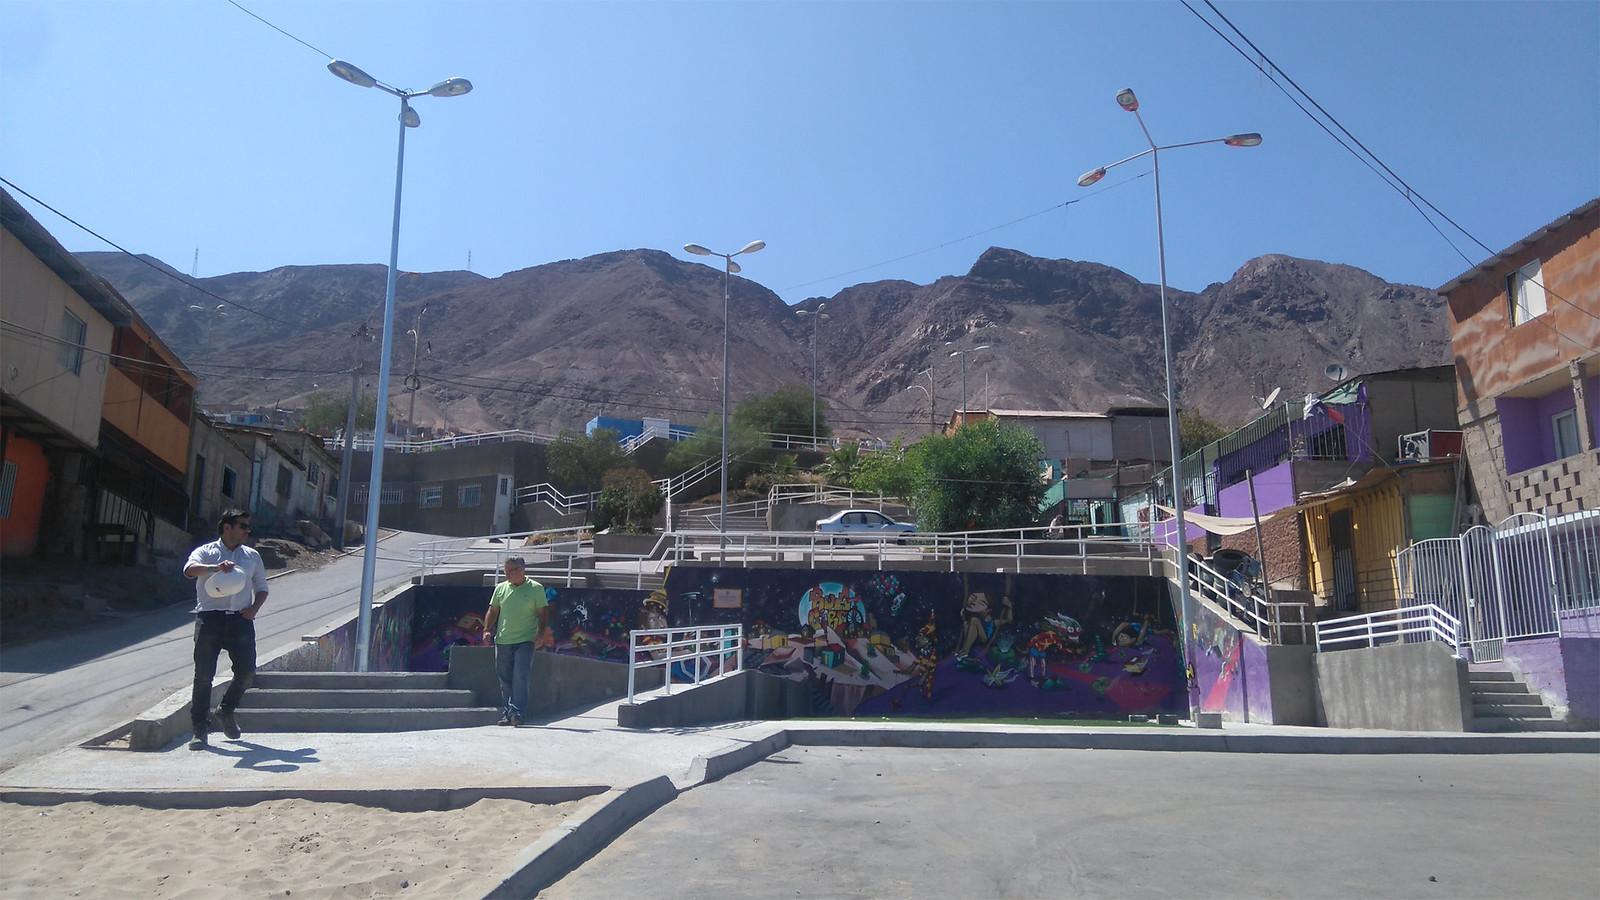 Plaza mirador quebrada riquelme barrio miramar norte - H m plaza norte ...